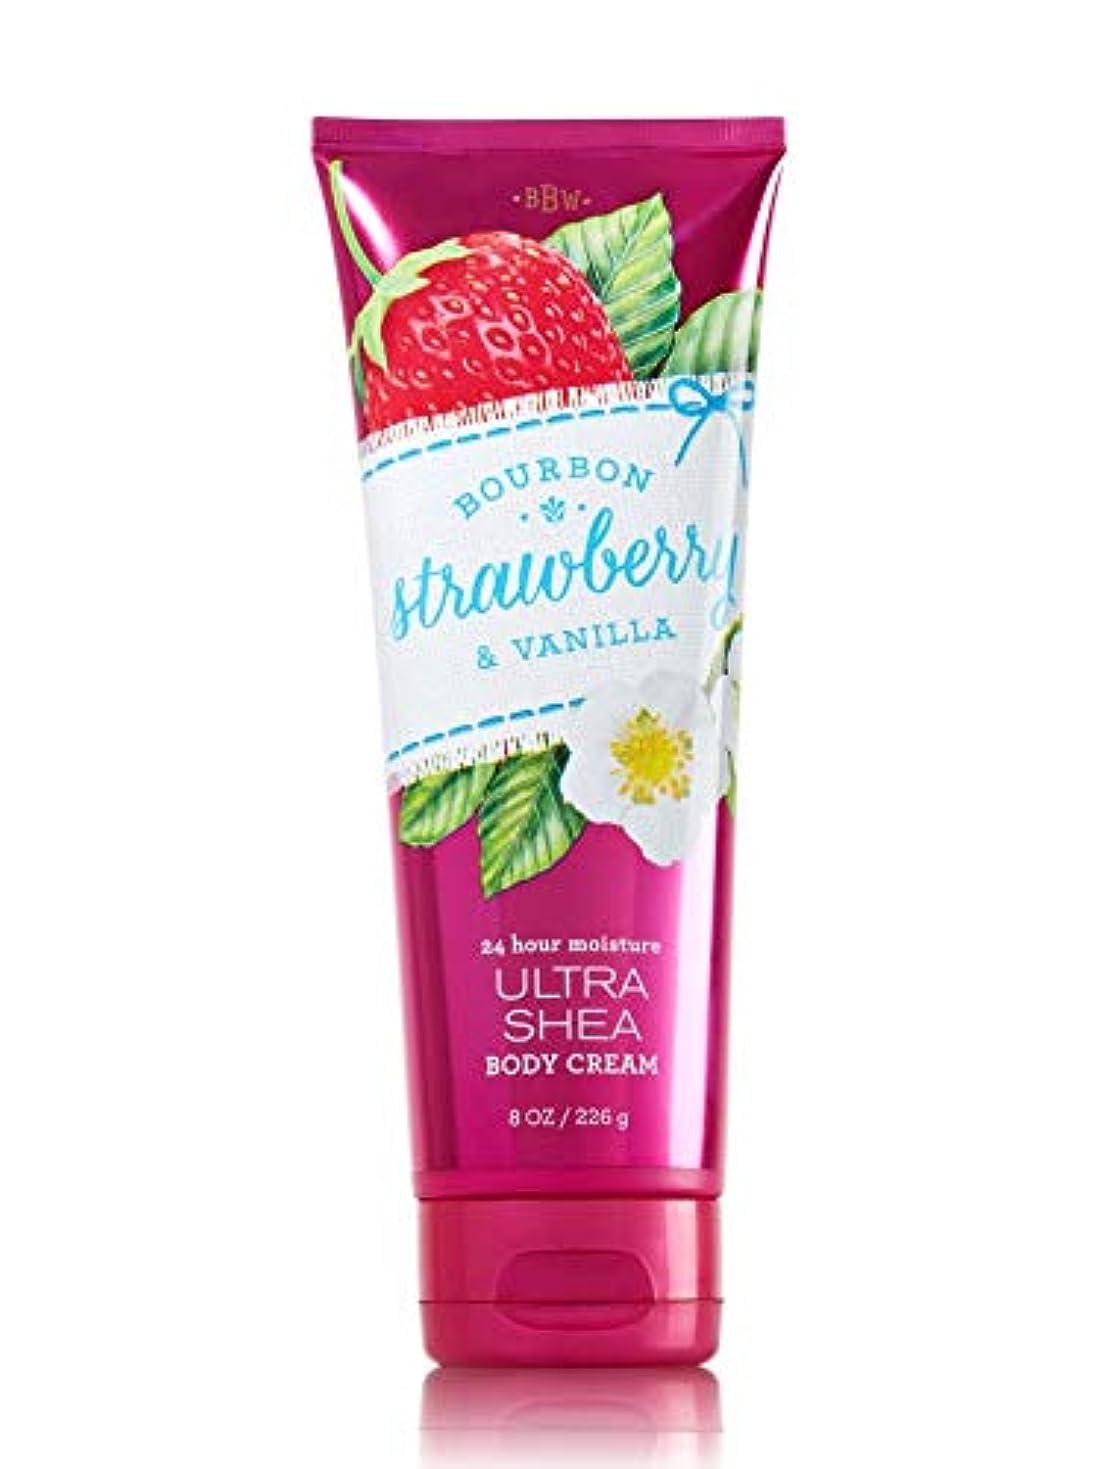 【Bath&Body Works/バス&ボディワークス】 ボディクリーム ブルボンストロベリー&バニラ Body Cream Bourbon Strawberry & Vanilla 8 oz / 226 g [並行輸入品]